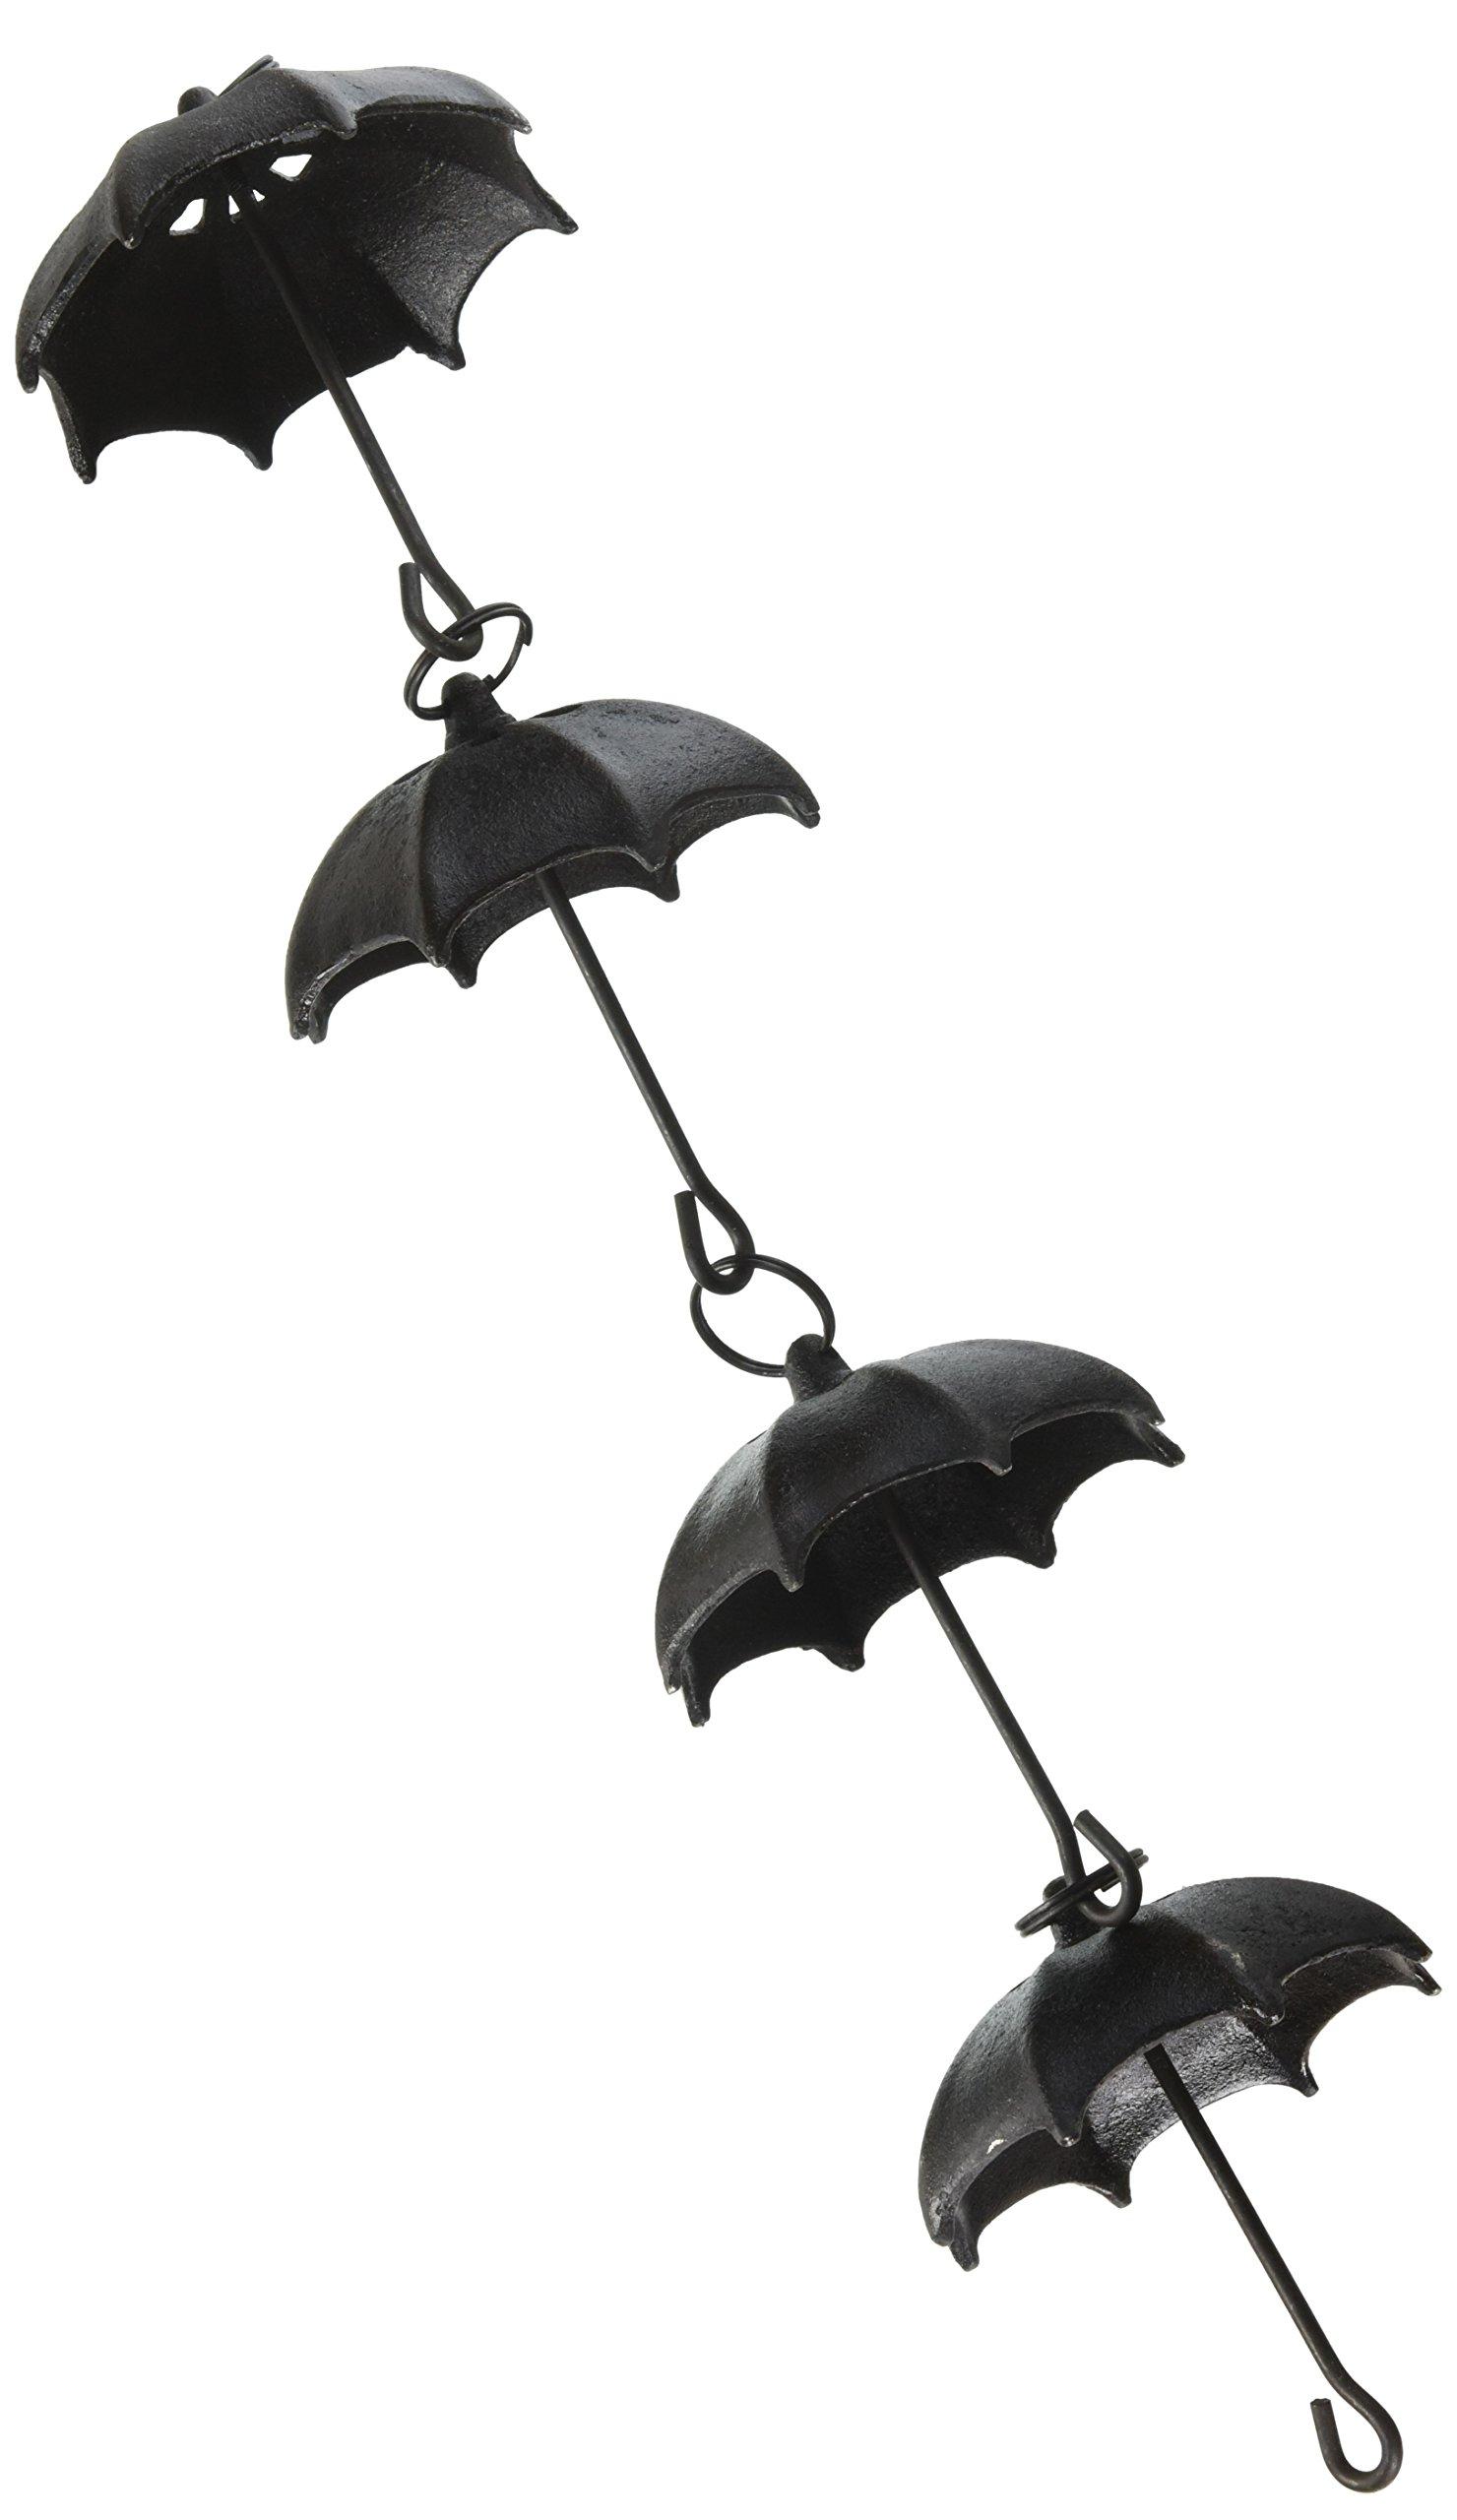 NACH js-RNC007 Umbrella Cast Iron Rain Chain, 96''